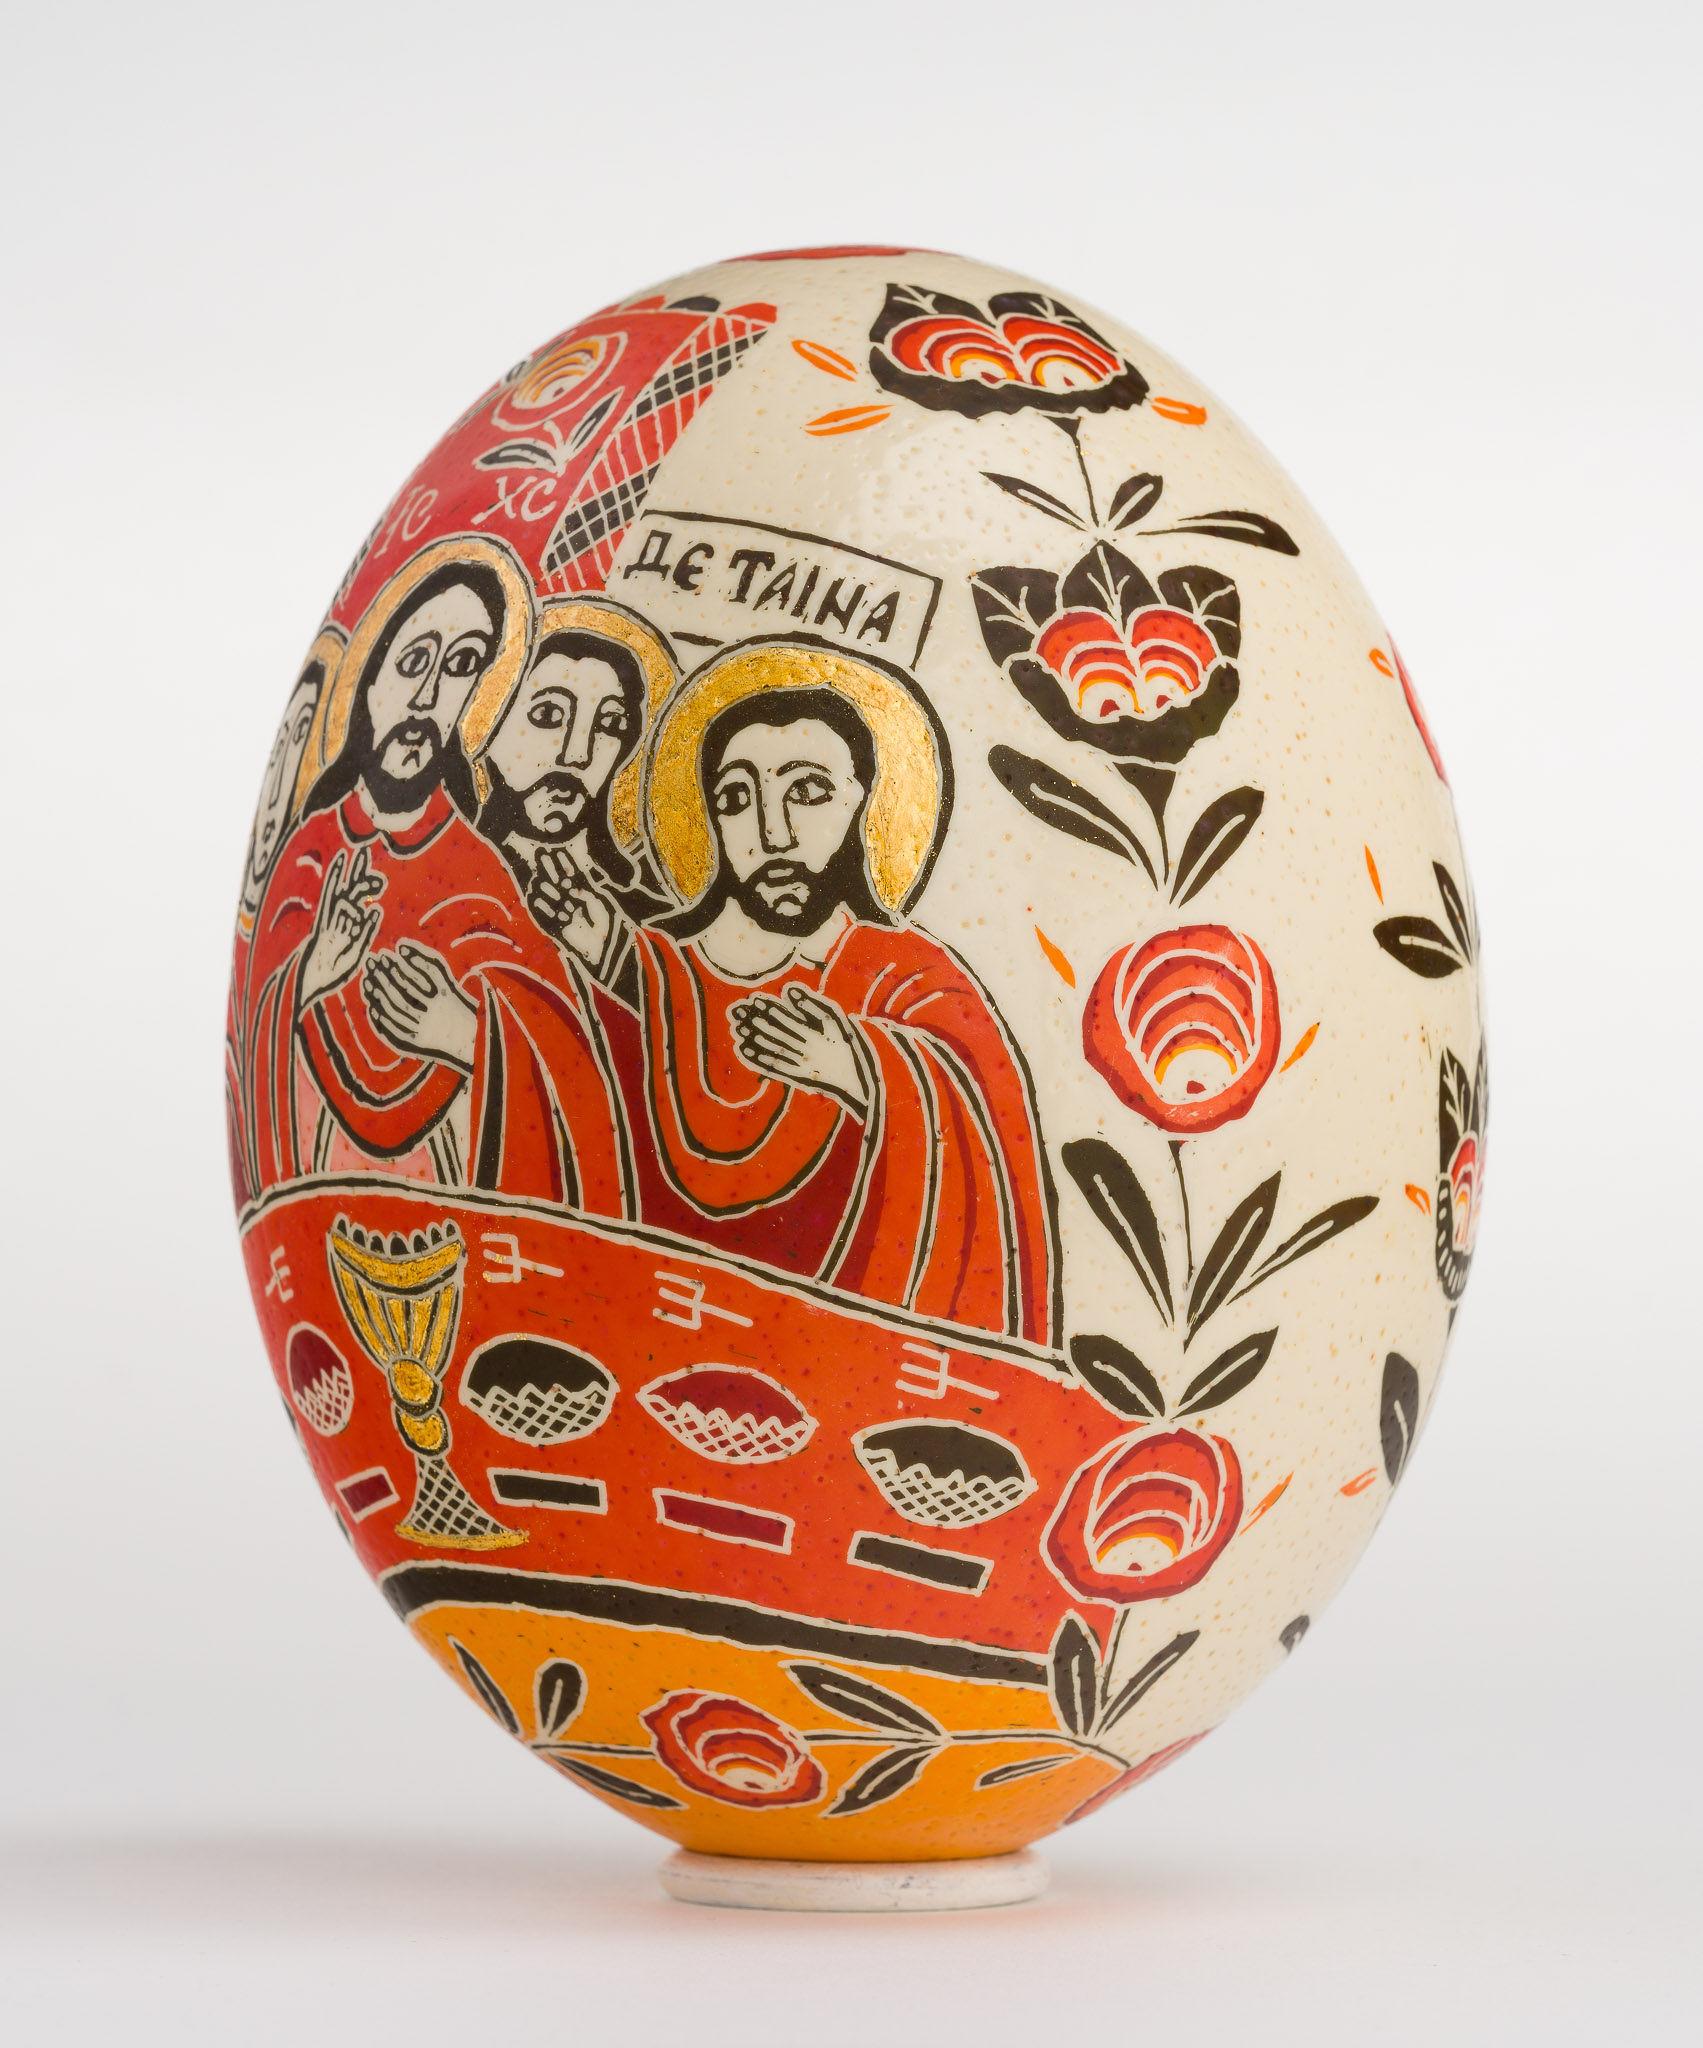 Icoană încondeiată pe ou de struț - Cina cea de Taină - maryando-120a.jpg